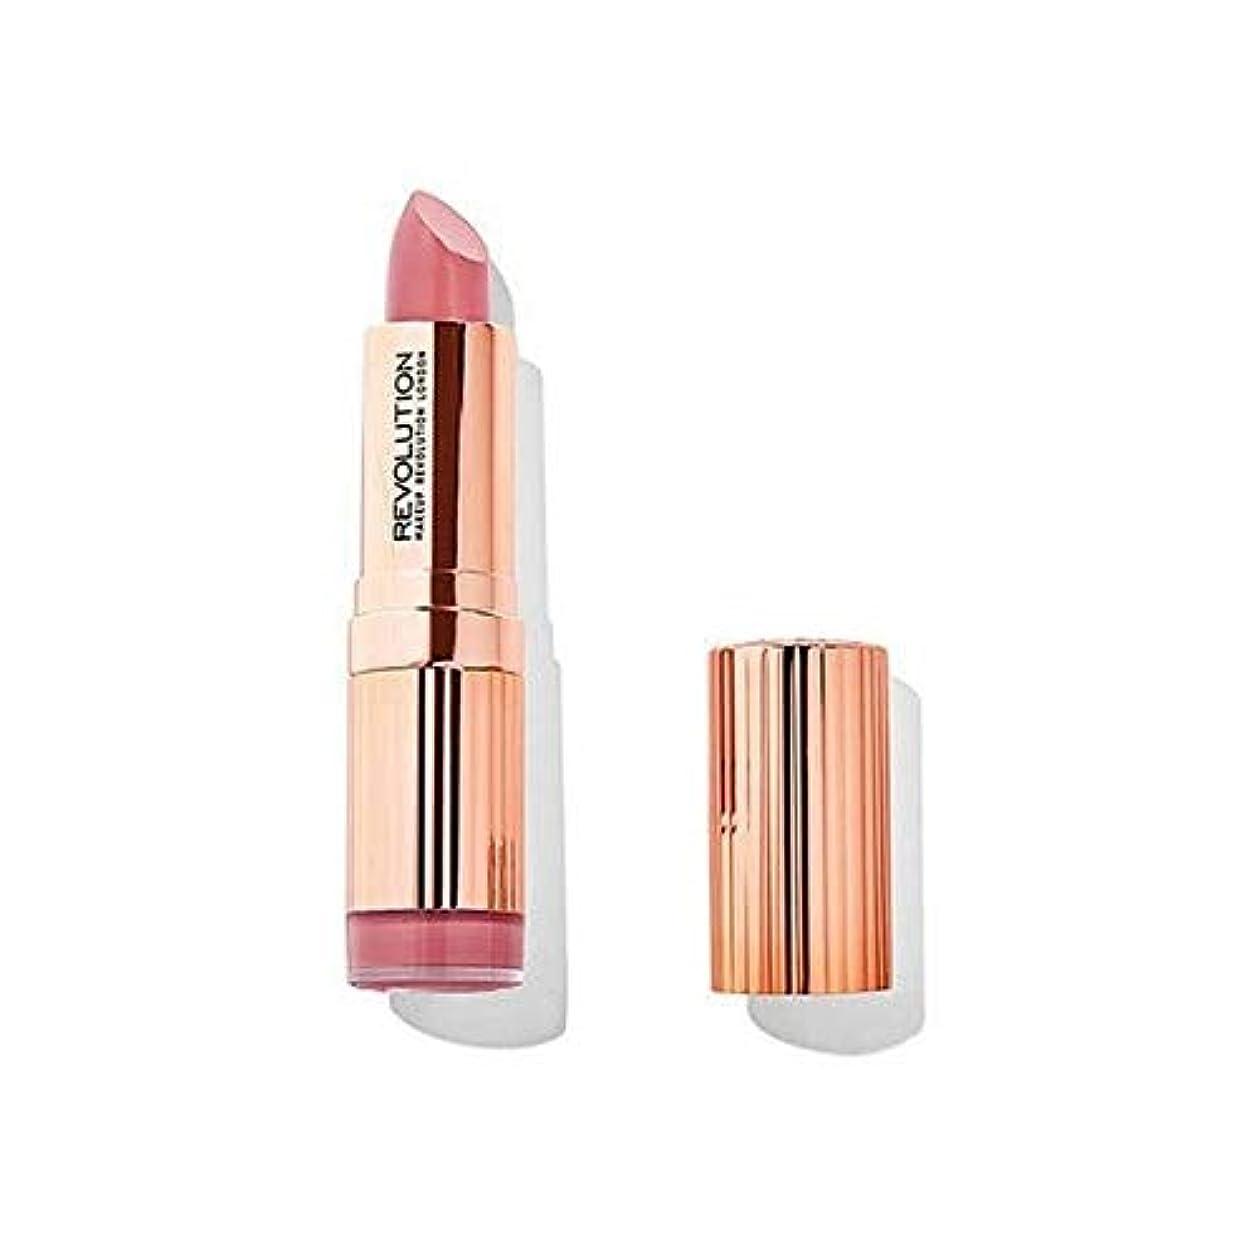 瀬戸際物理的な付録[Revolution ] ブレンド革命のルネサンス口紅 - Revolution Renaissance Lipstick Blended [並行輸入品]